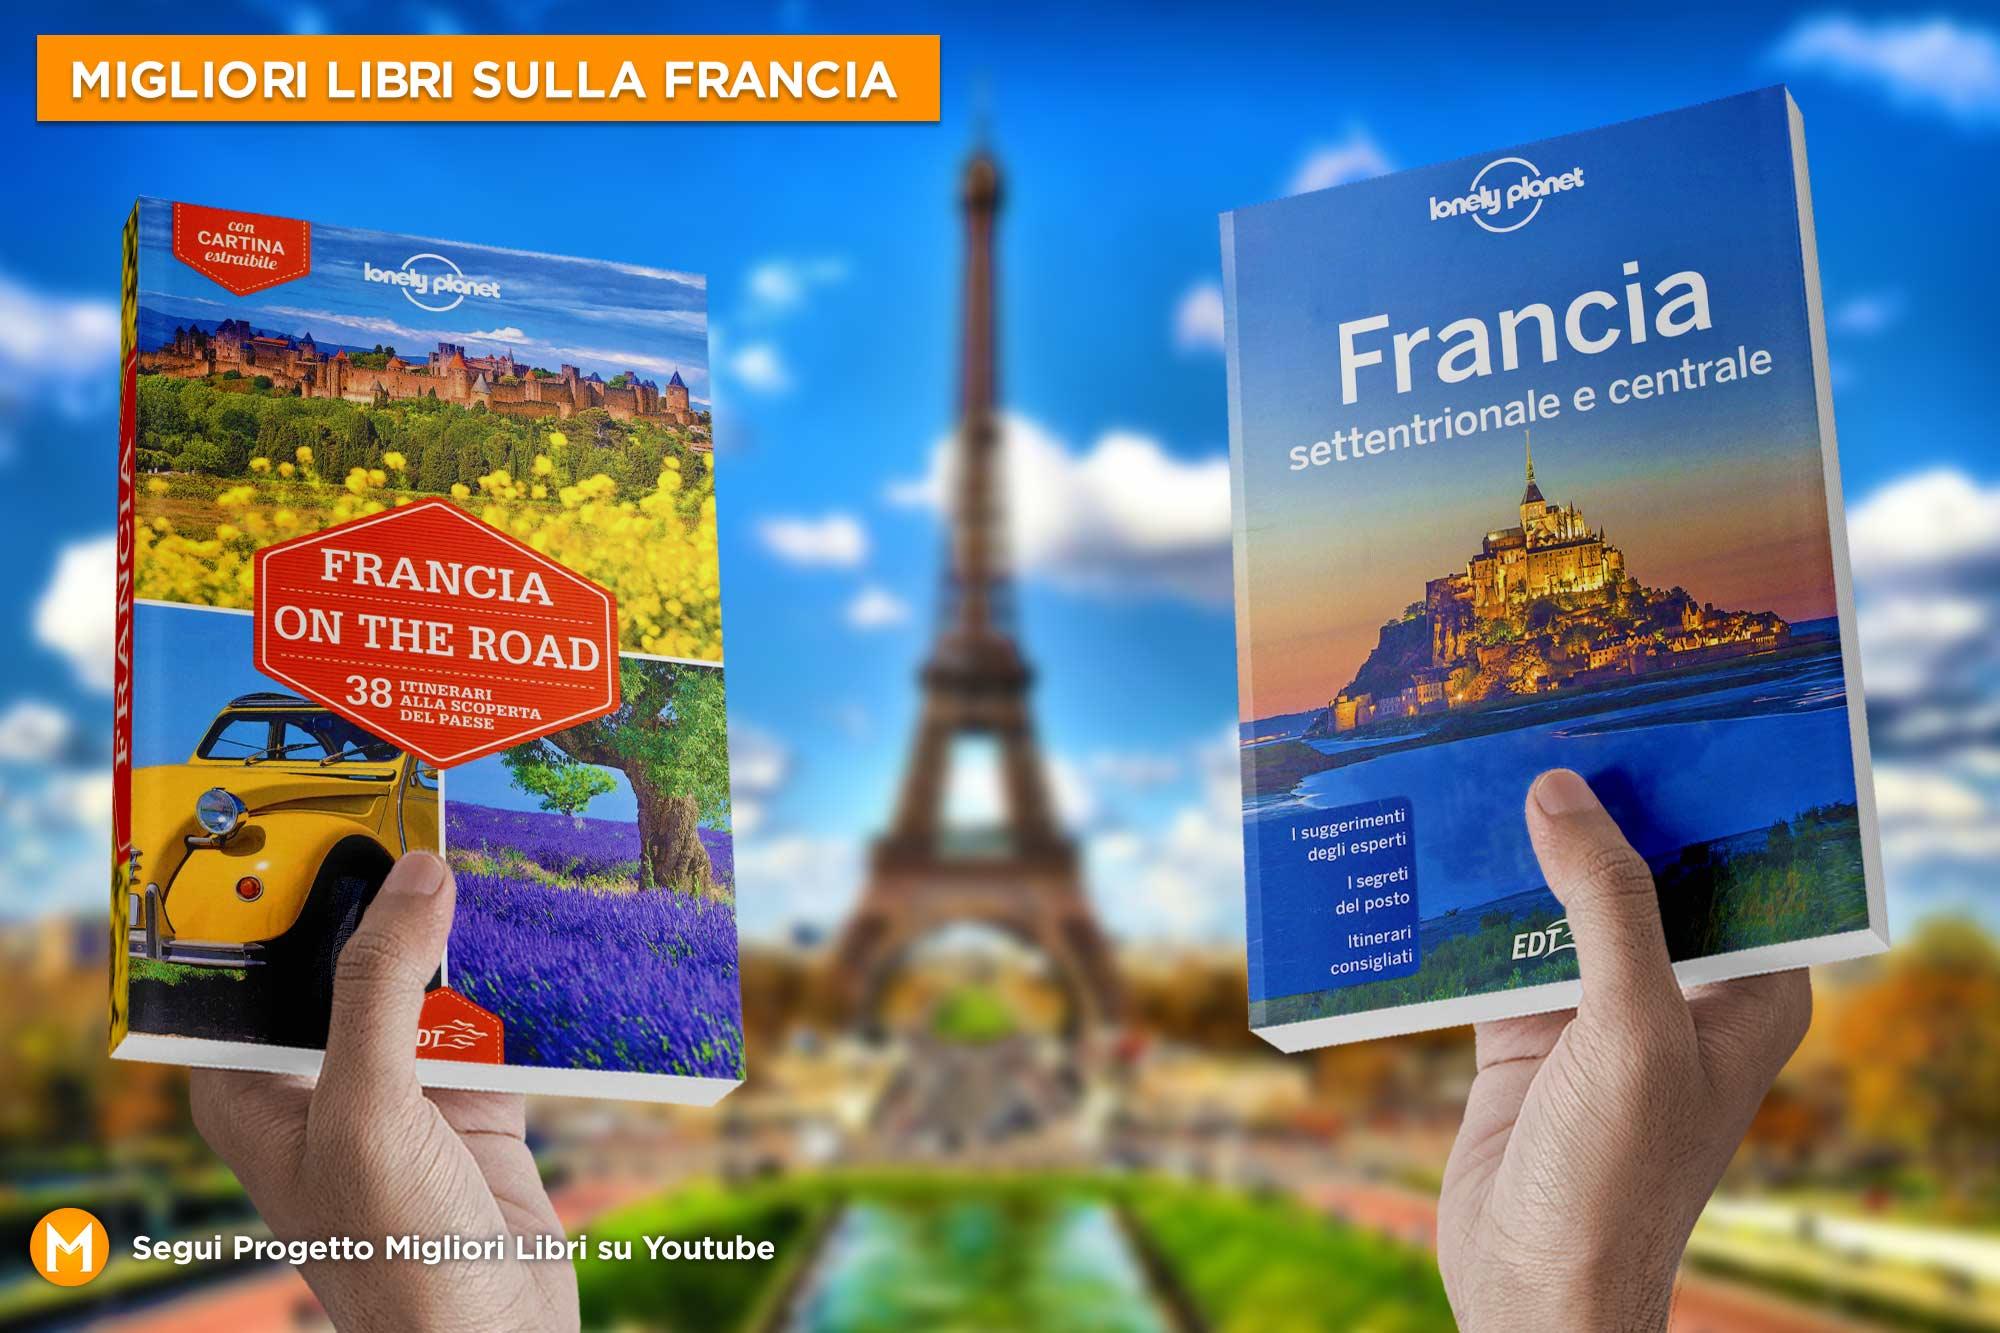 migliori-libri-sulla-francia